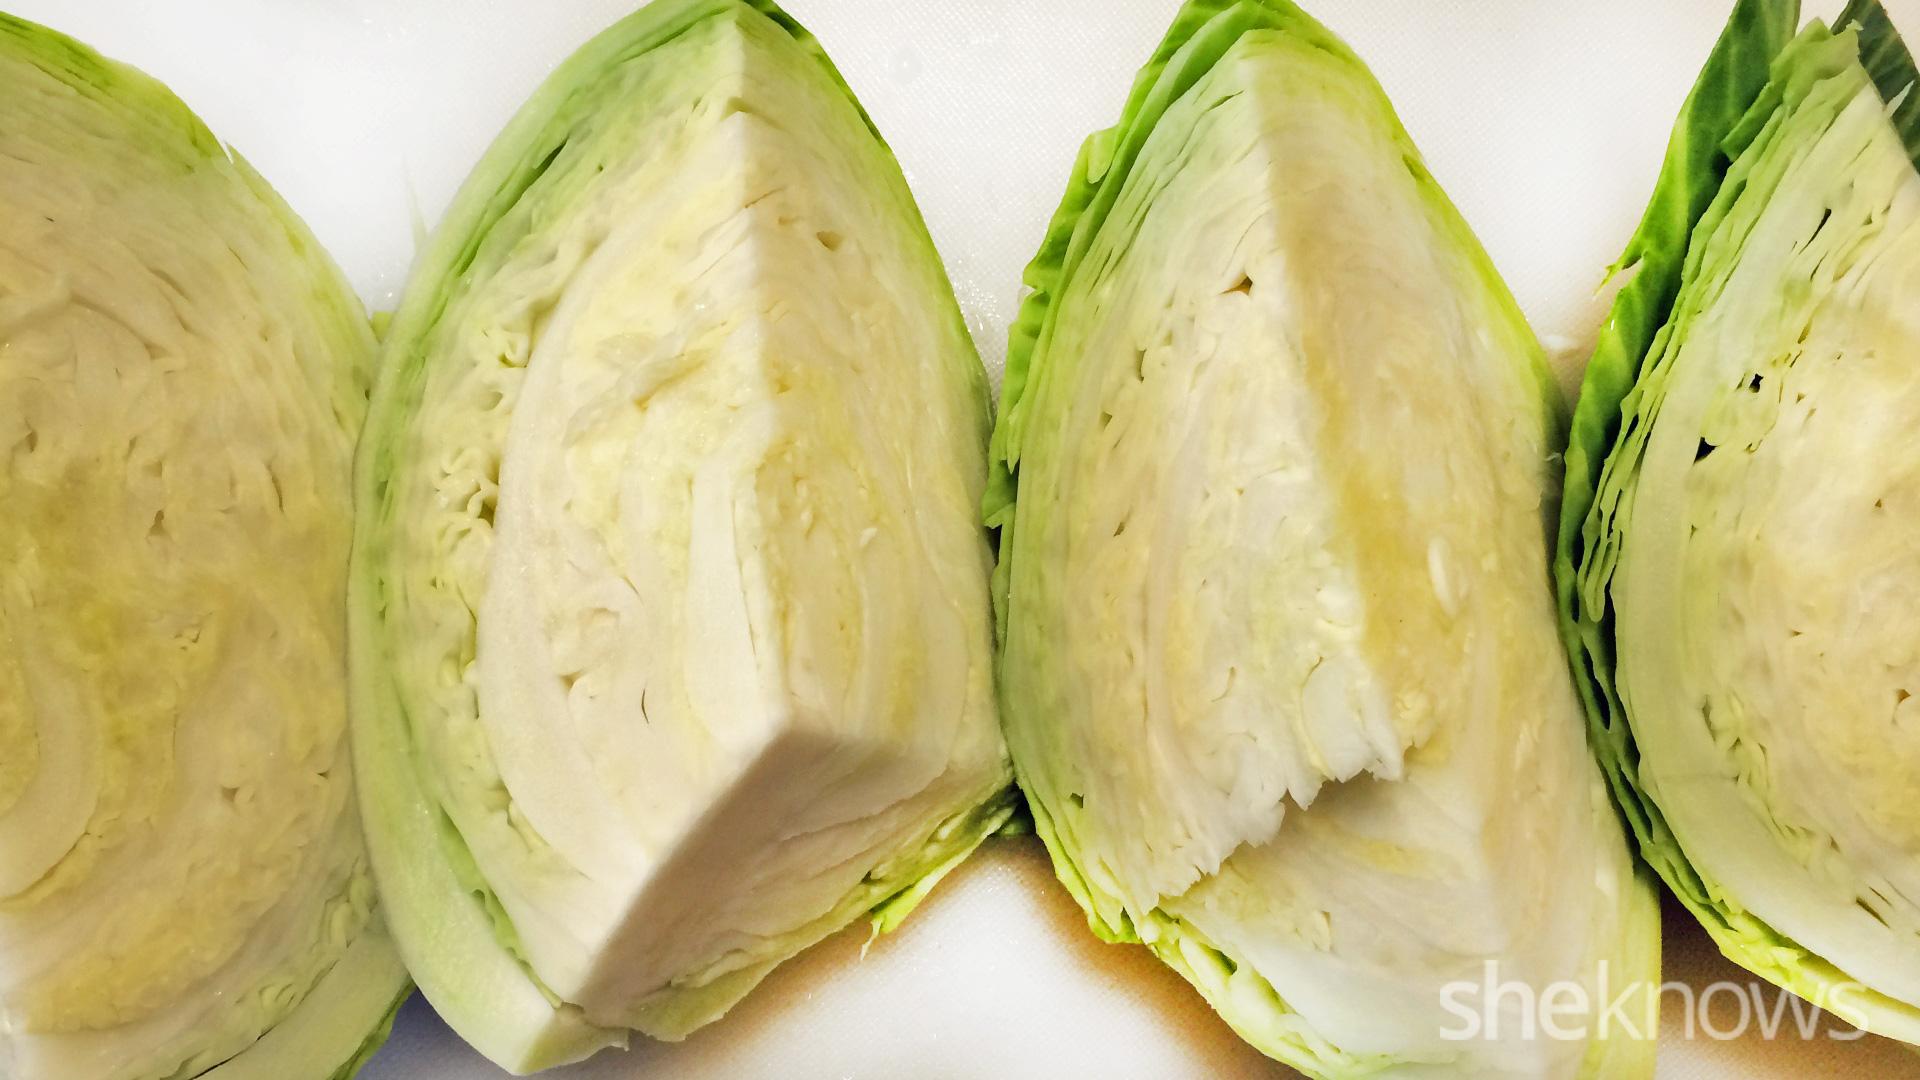 quartered cabbage